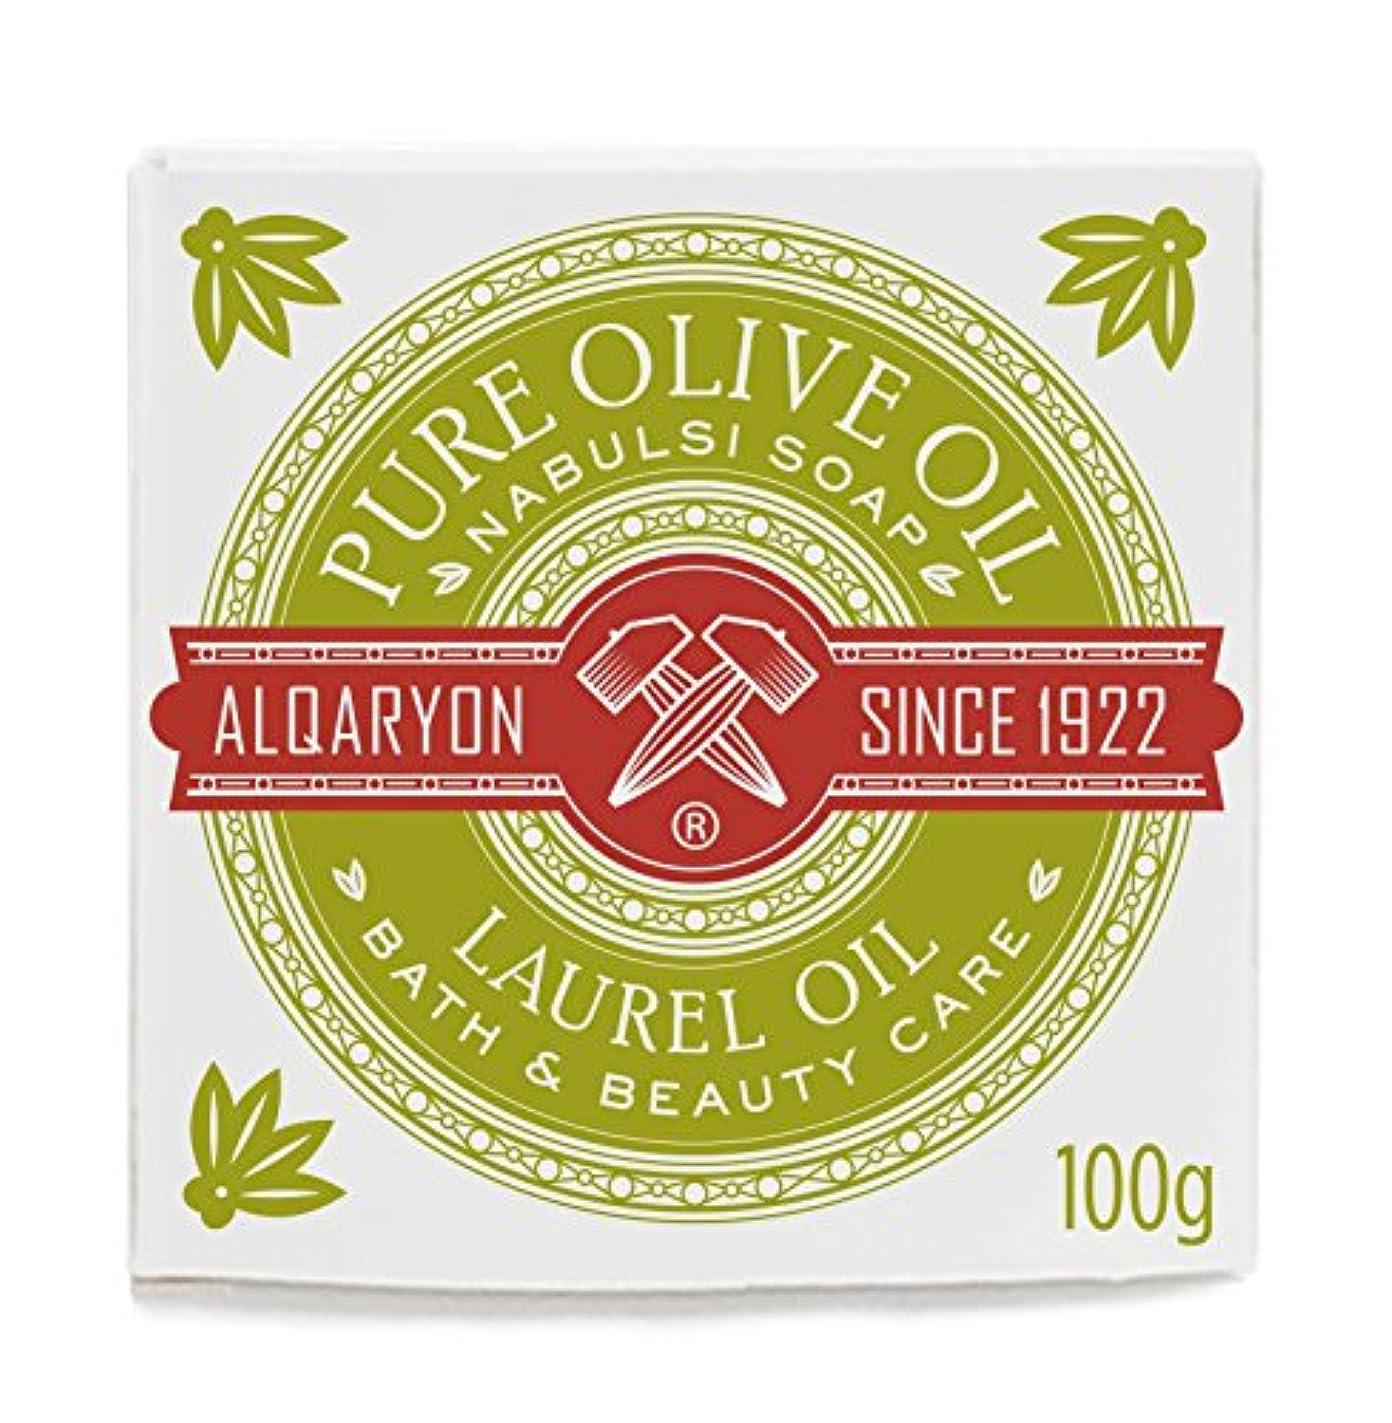 ポールどちらも大破Alqaryon Laurel Oil & Olive Oil Bar Soap Pack of 4 - AlqaryonのローレルオイルI&オリーブオイル ソープ、バス & ビューティー ケア、100gの石鹸4個のパック